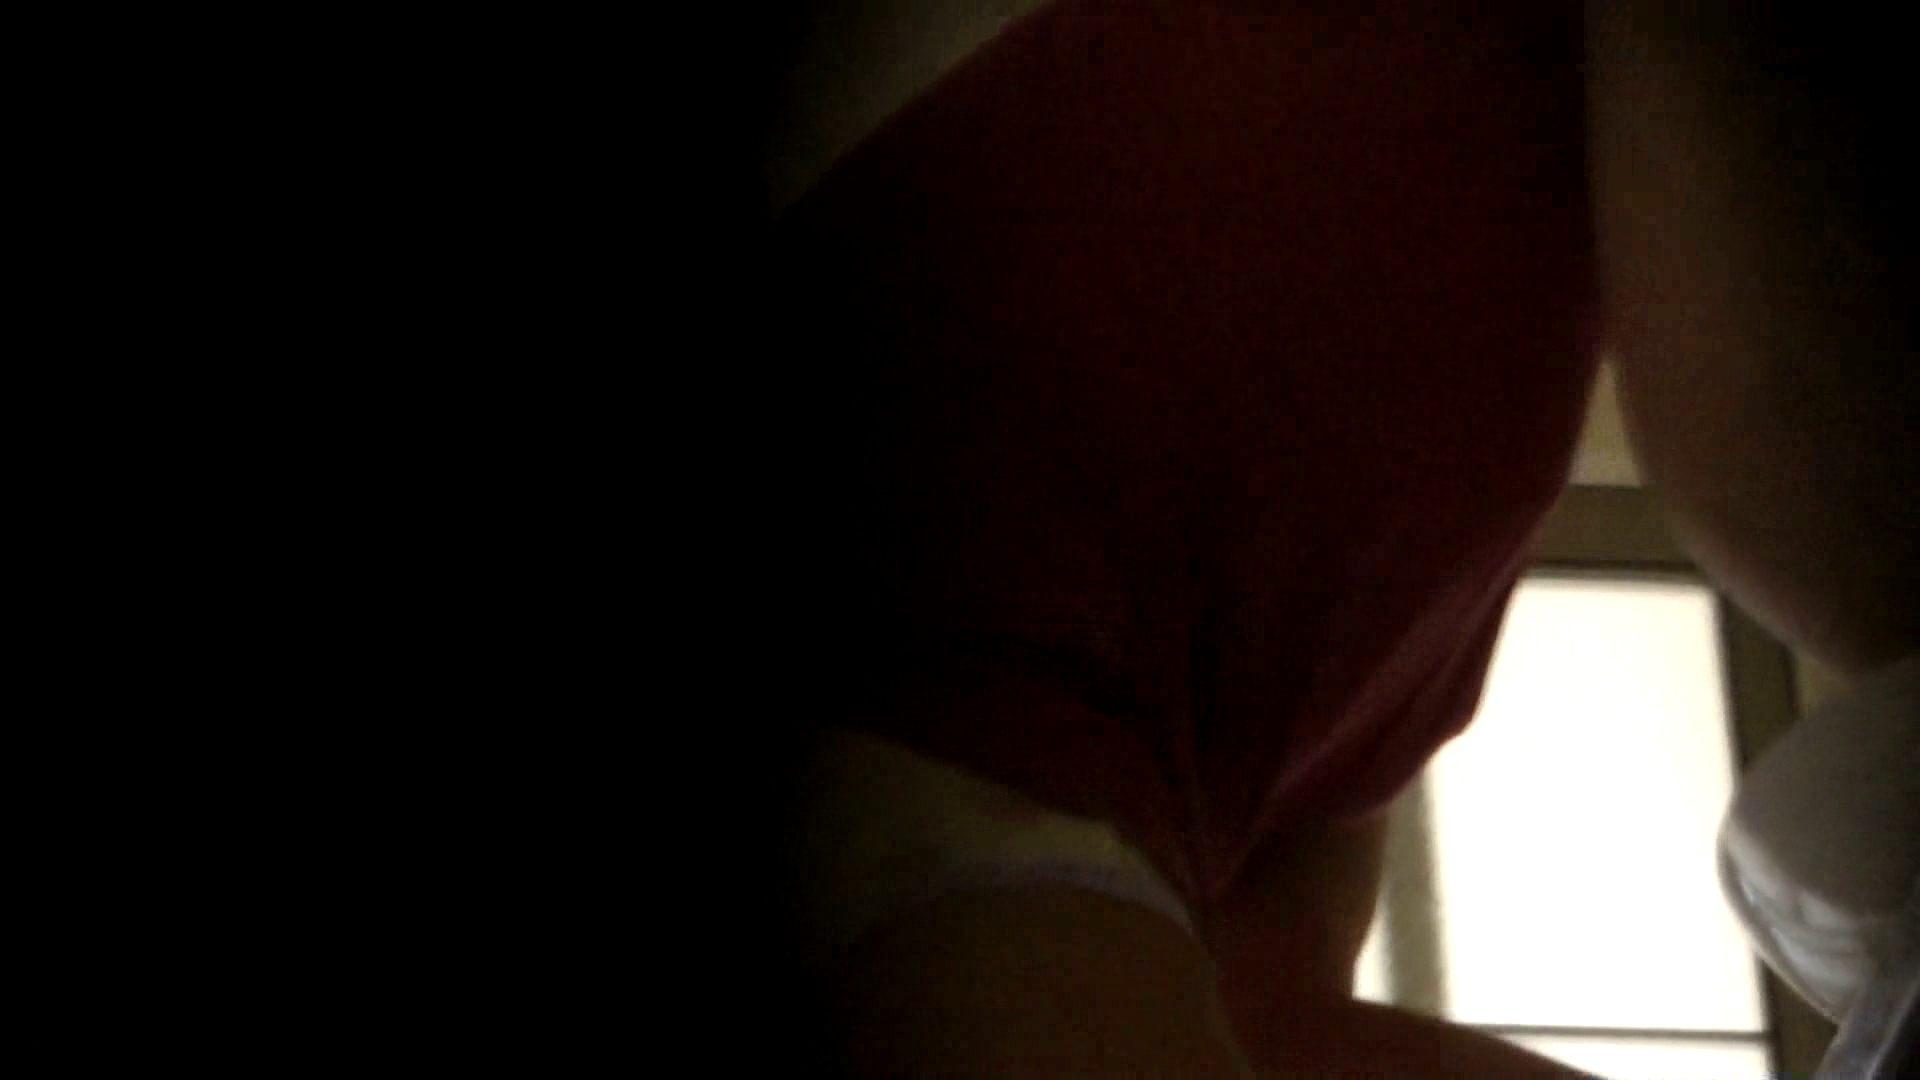 リアル盗撮 清楚なお女市さんのマル秘私生活② 盗撮エロすぎ   美女達のヌード  53連発 33